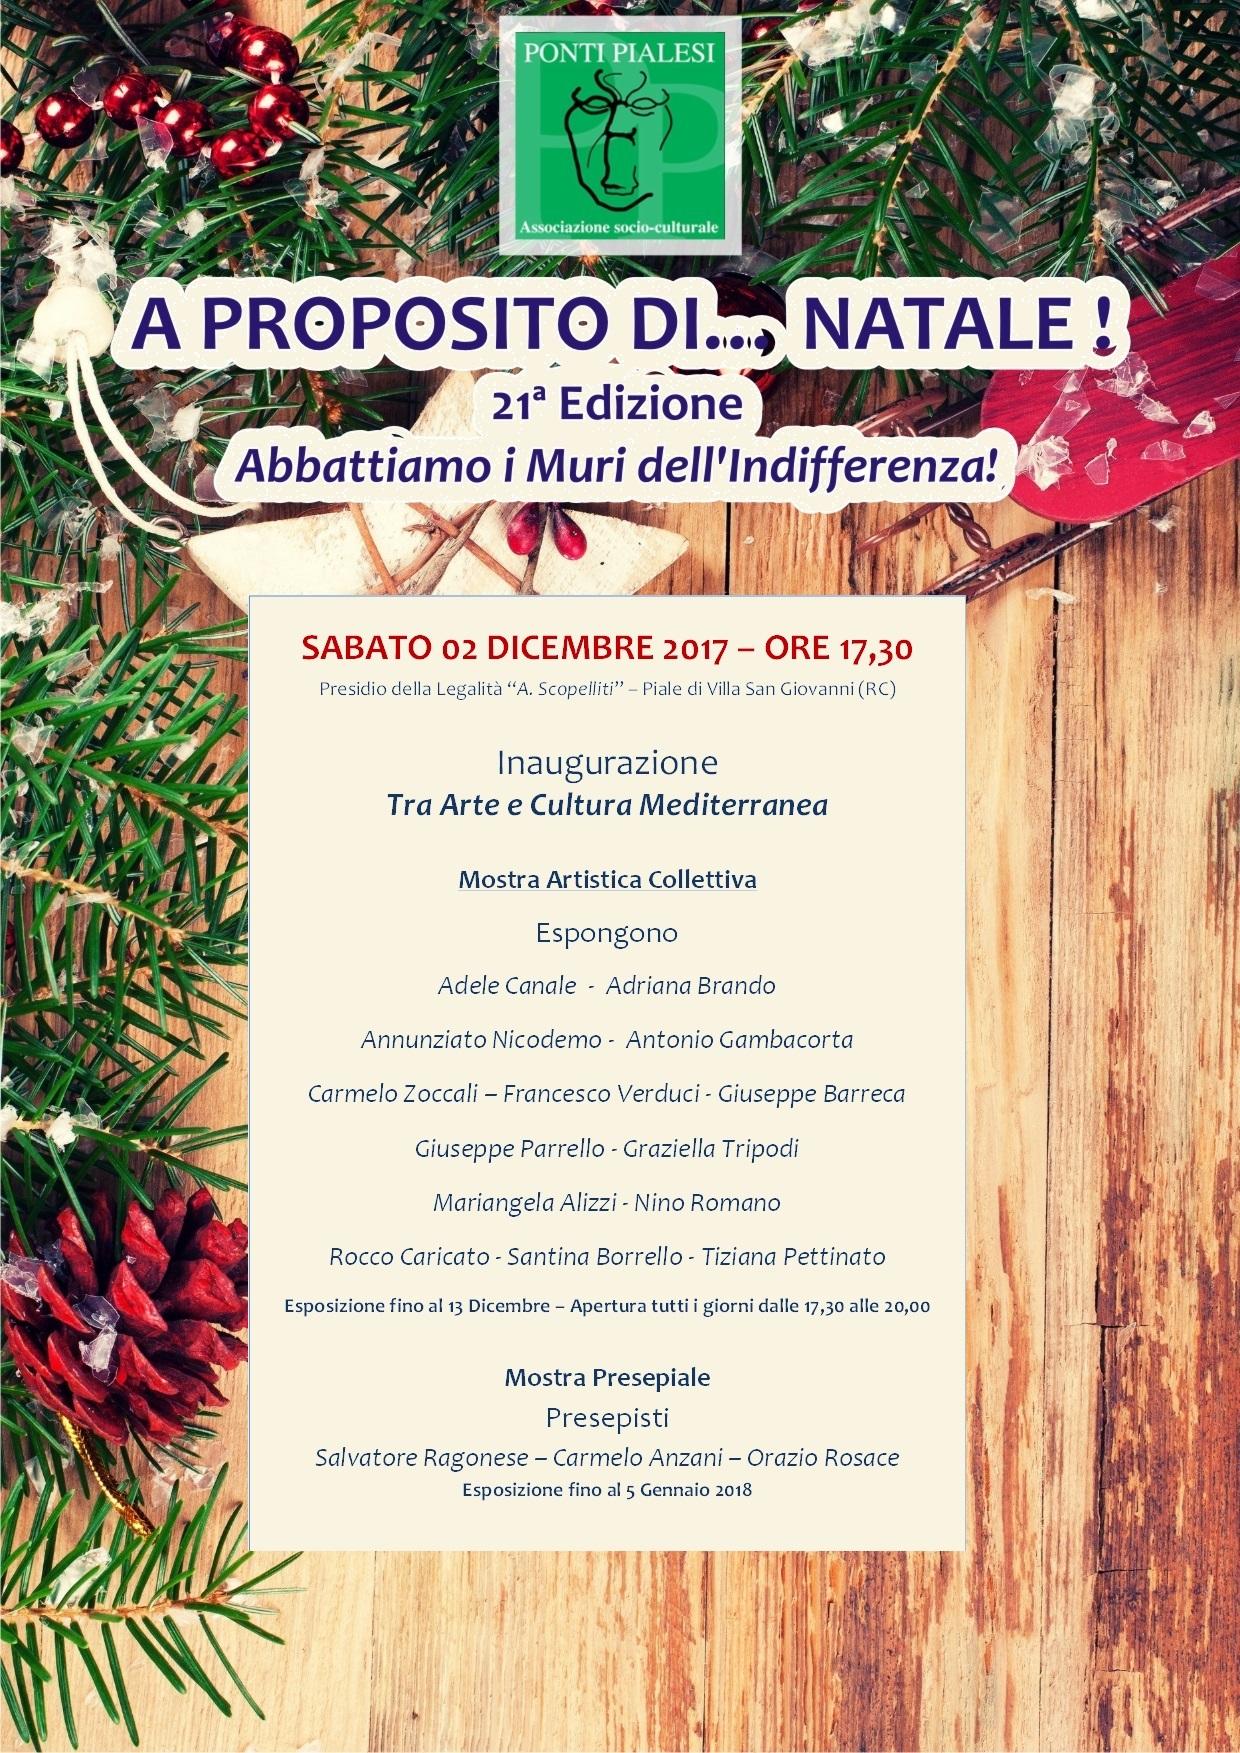 Ponti Pialesi - Mostra Artistica Collettiva - A Proposito di... Natale ! 2017